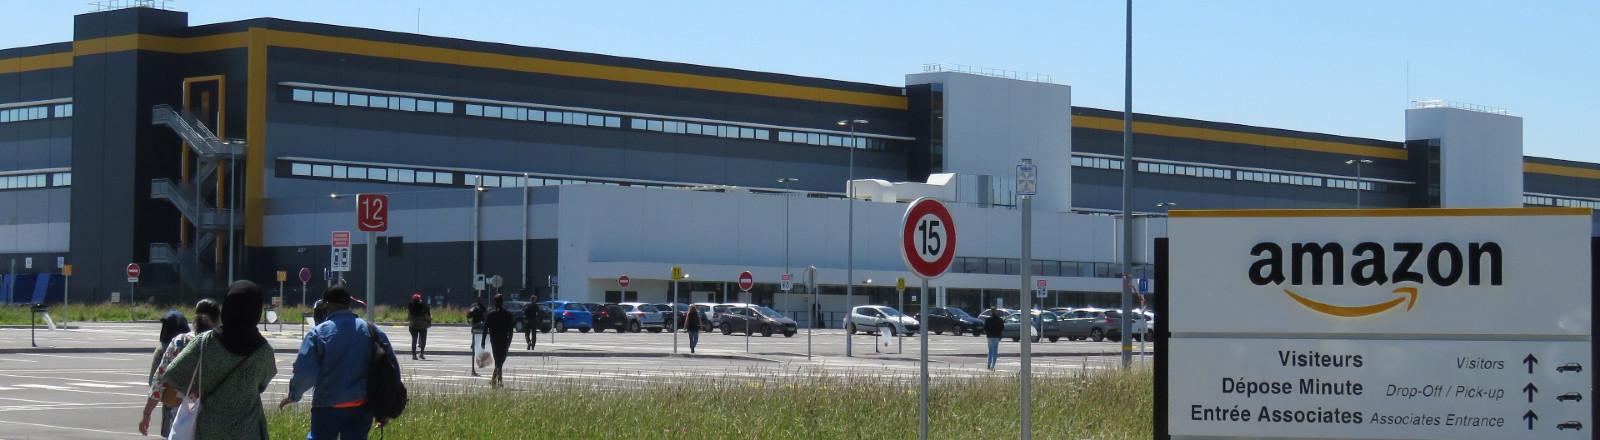 Amazon-Fabrik in Frankreich